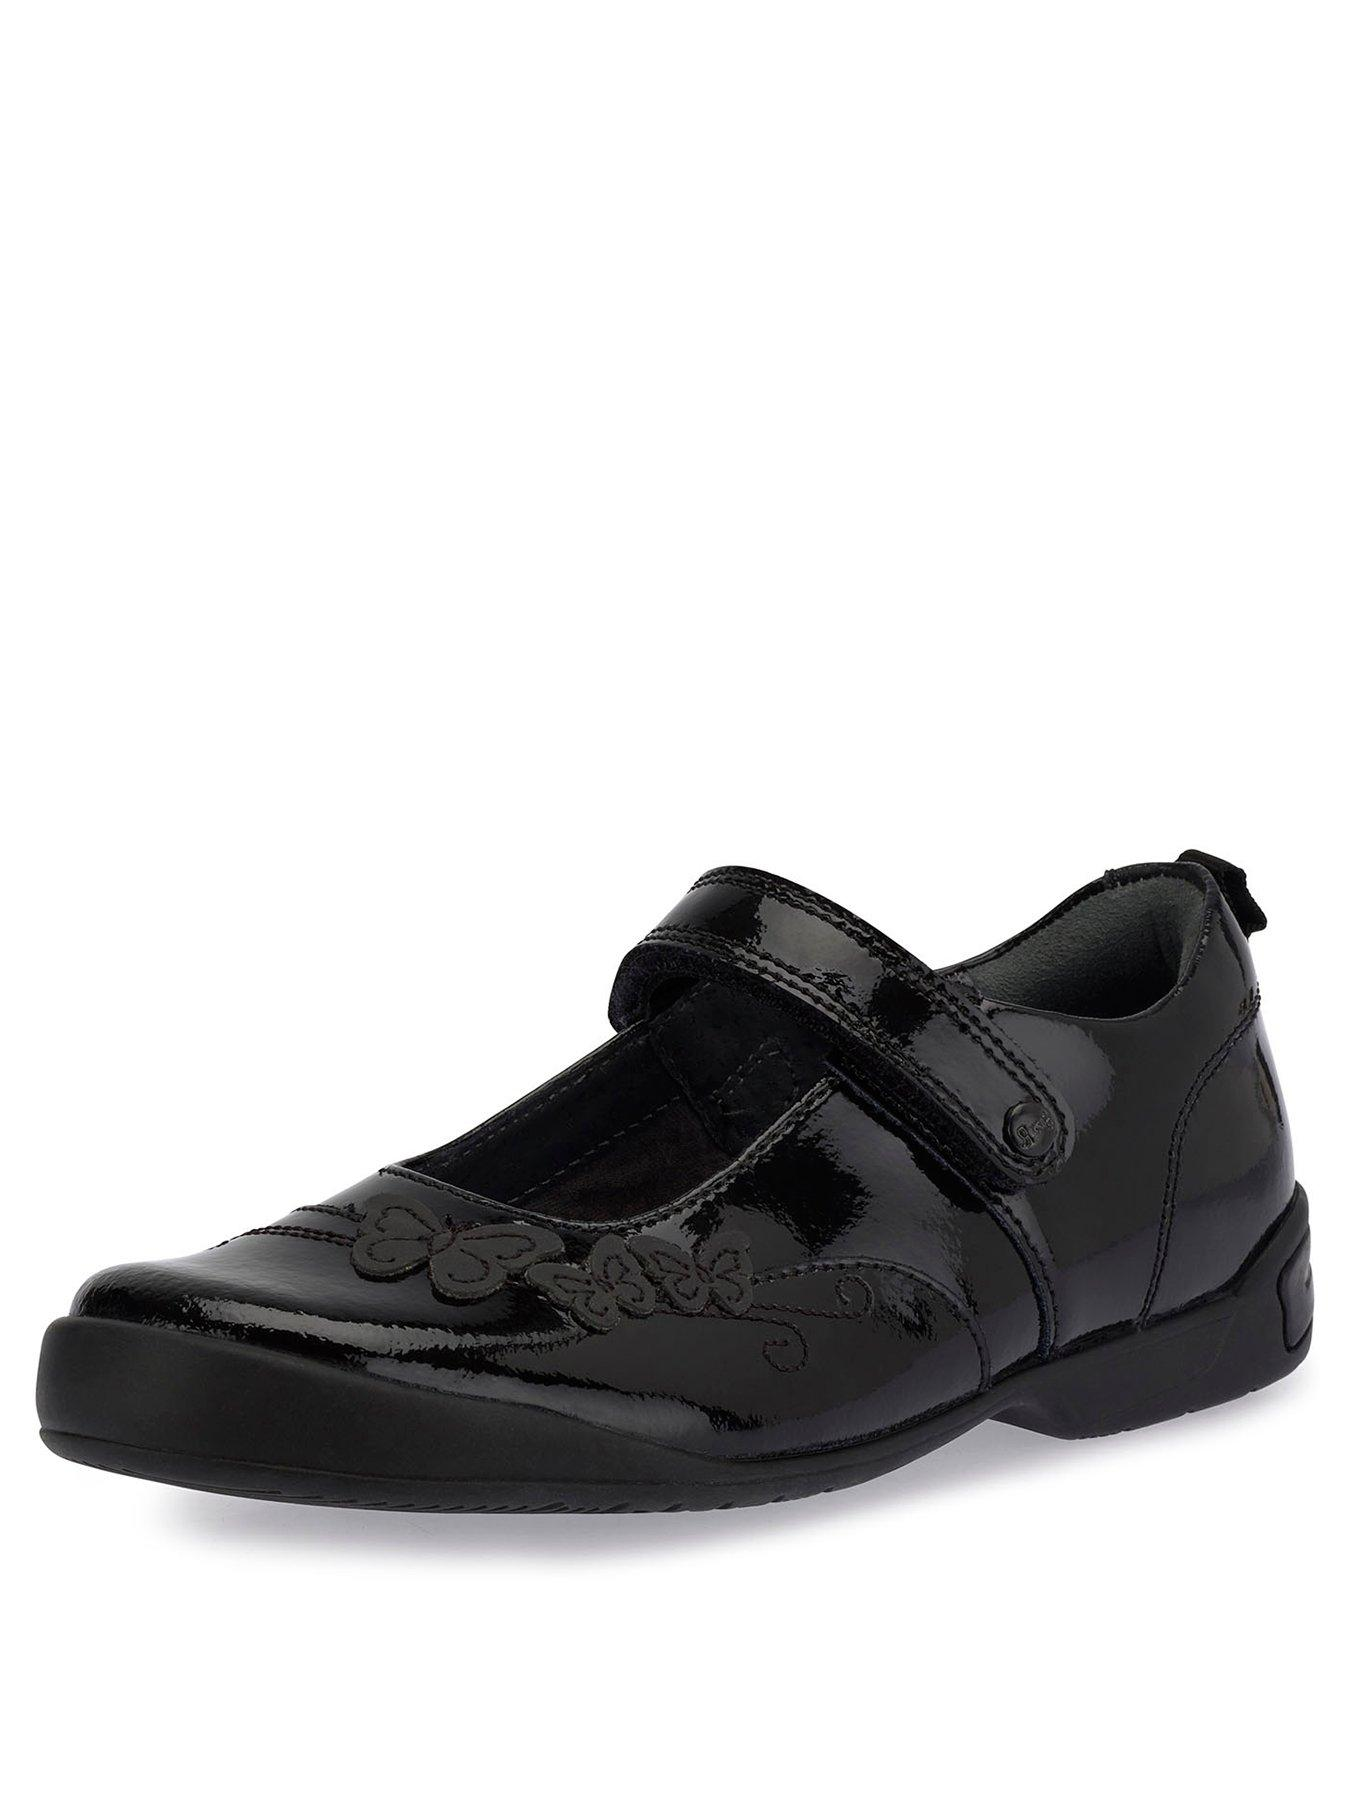 E - Narrow Fit   School shoes   Shoes